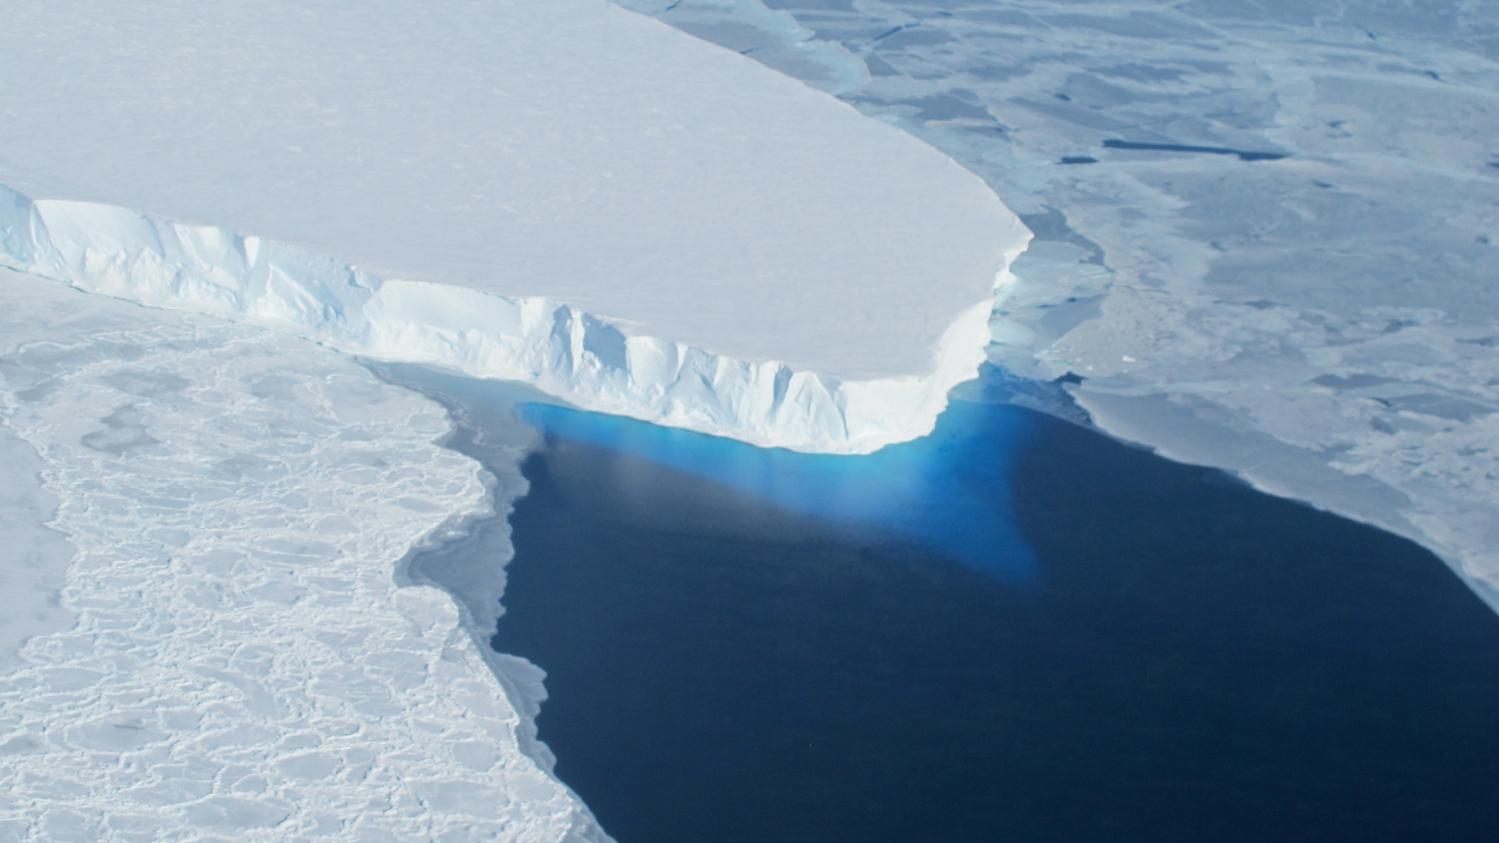 """VIDEO. """"C'est une catastrophe ce qu'il se passe en Antarctique ouest"""" : pourquoi le glacier Thwaites inquiète les scientifiques"""